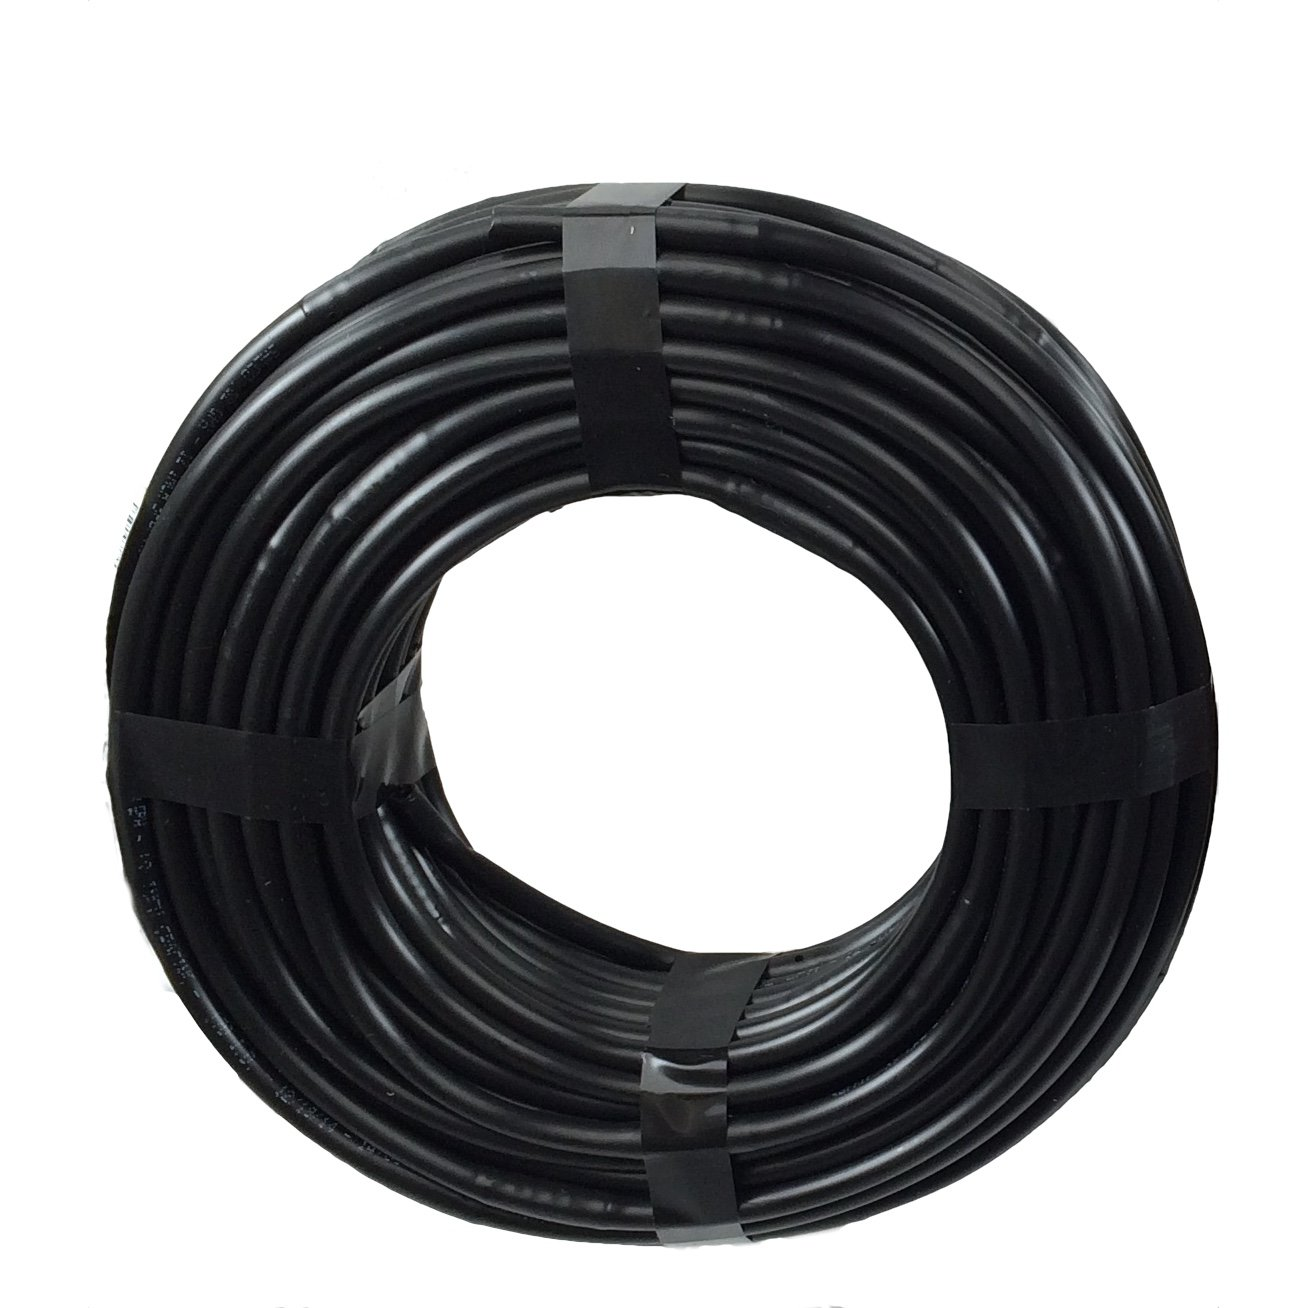 1/4 Poly Dripline 6'' Spacing 0.5 GPH 100' Roll Black Drip Tubing